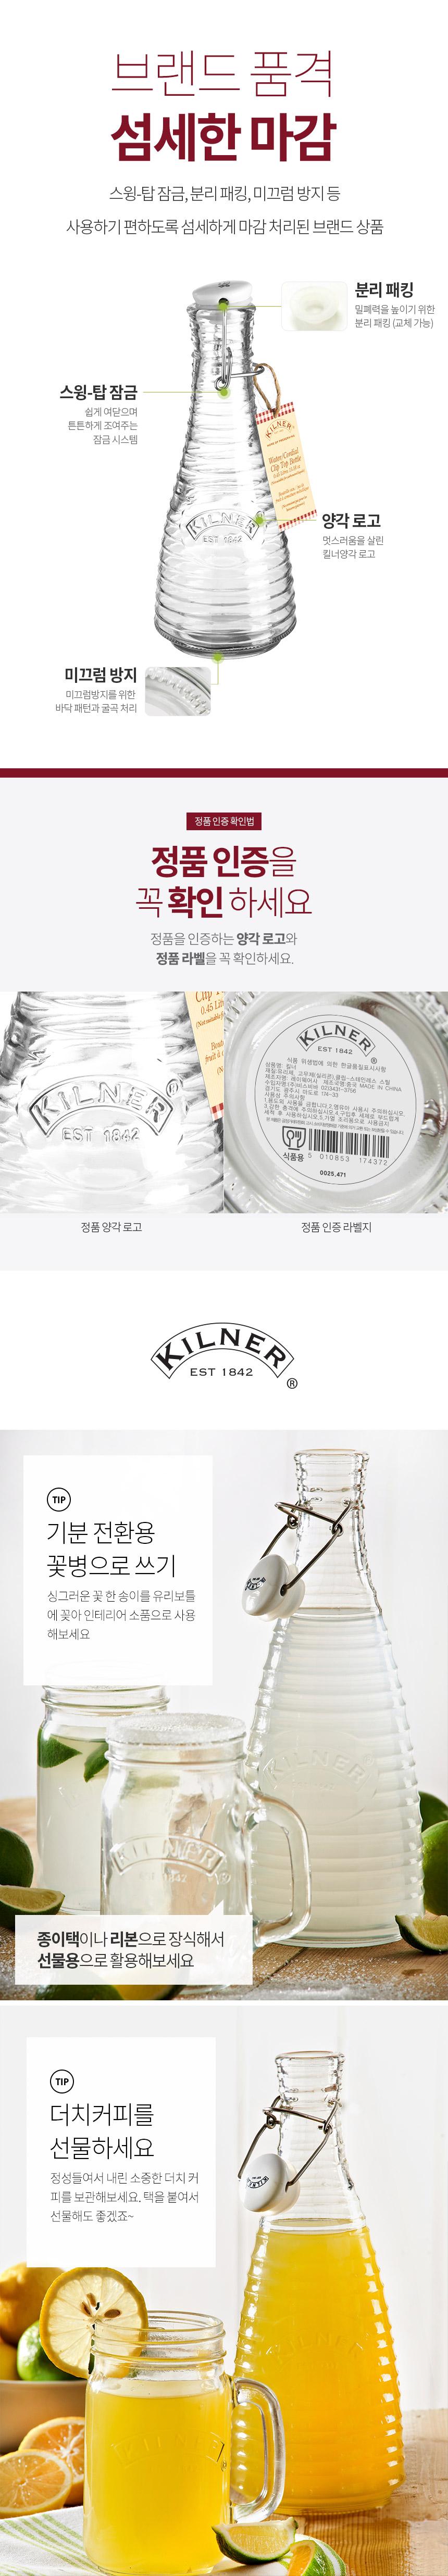 킬너 클립 유리 물병 0.85LT - 비스비바, 12,000원, 밀폐/보관용기, 반찬/밀폐용기